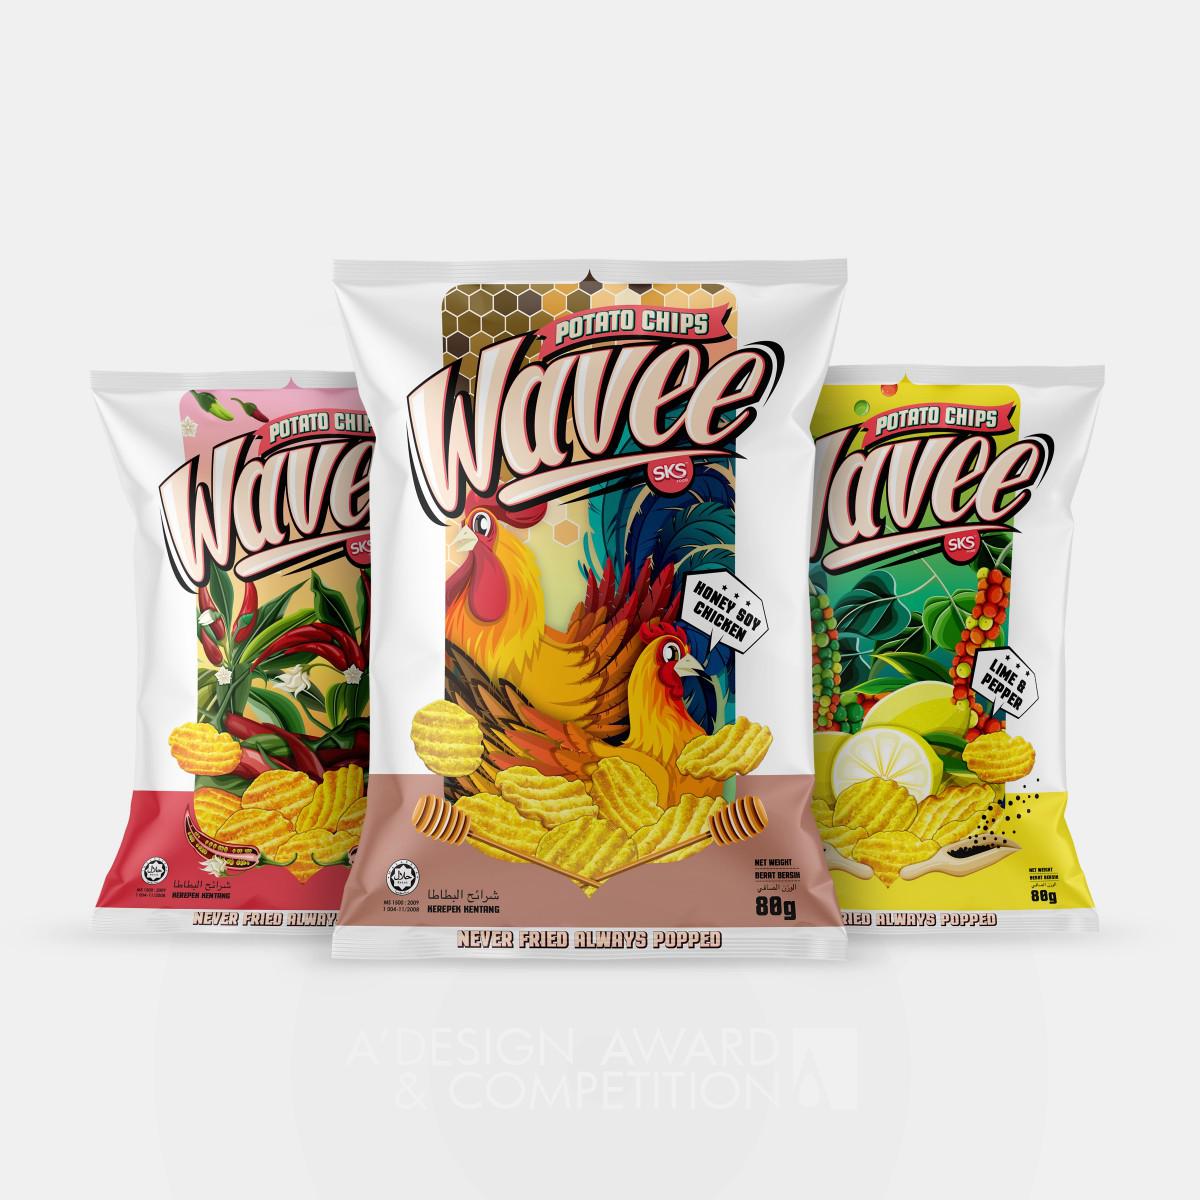 Wavee Packaging Identity